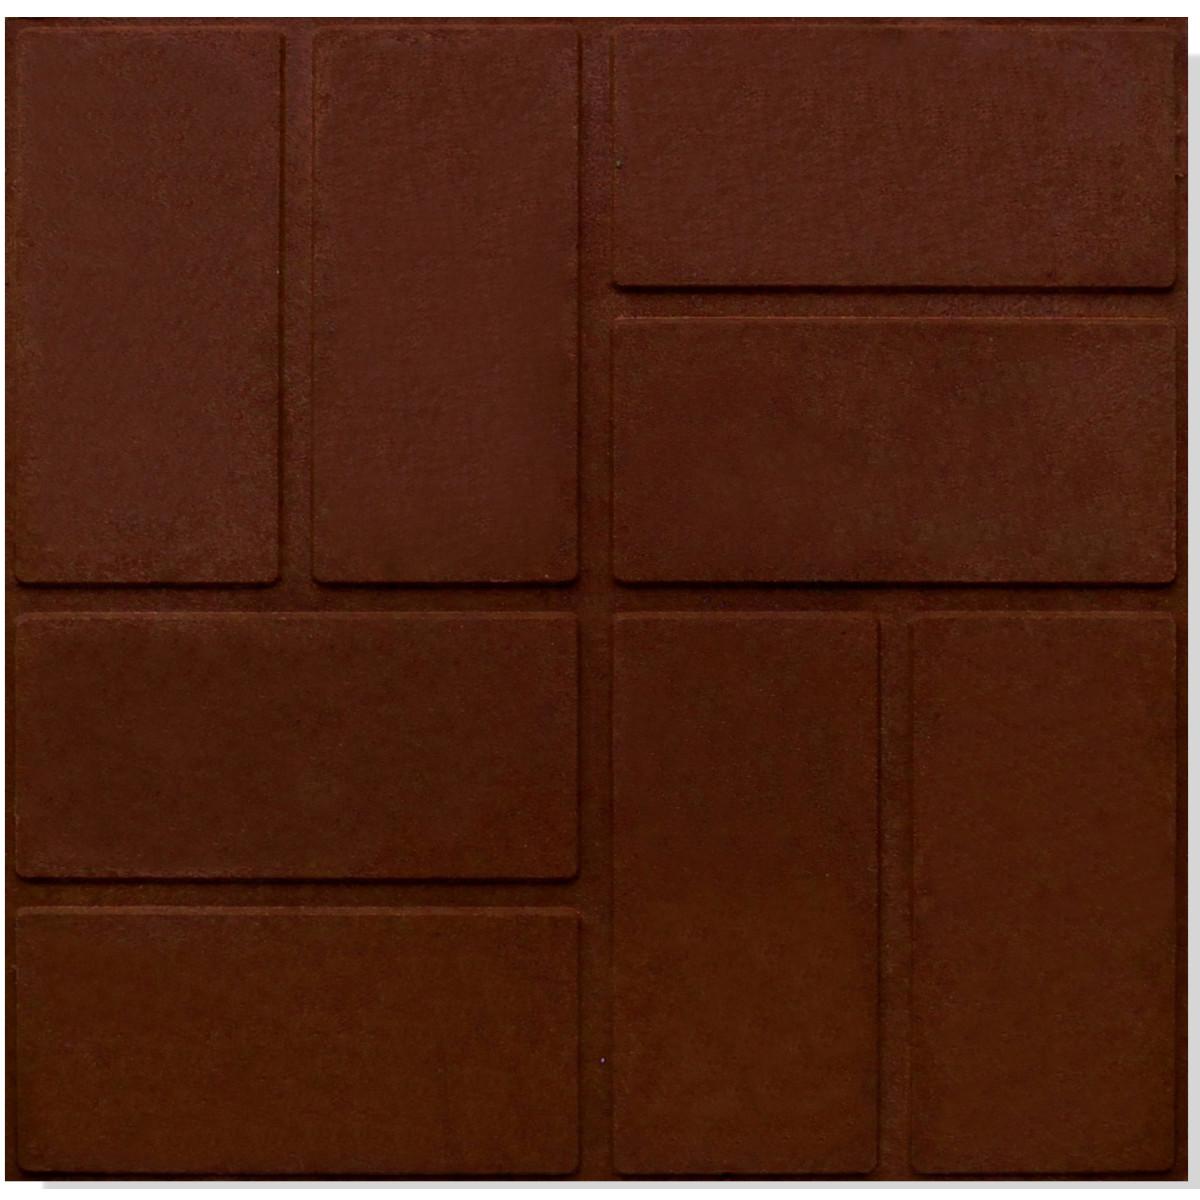 Плитка тротуарная 330x330x20 мм цвет шоколадный